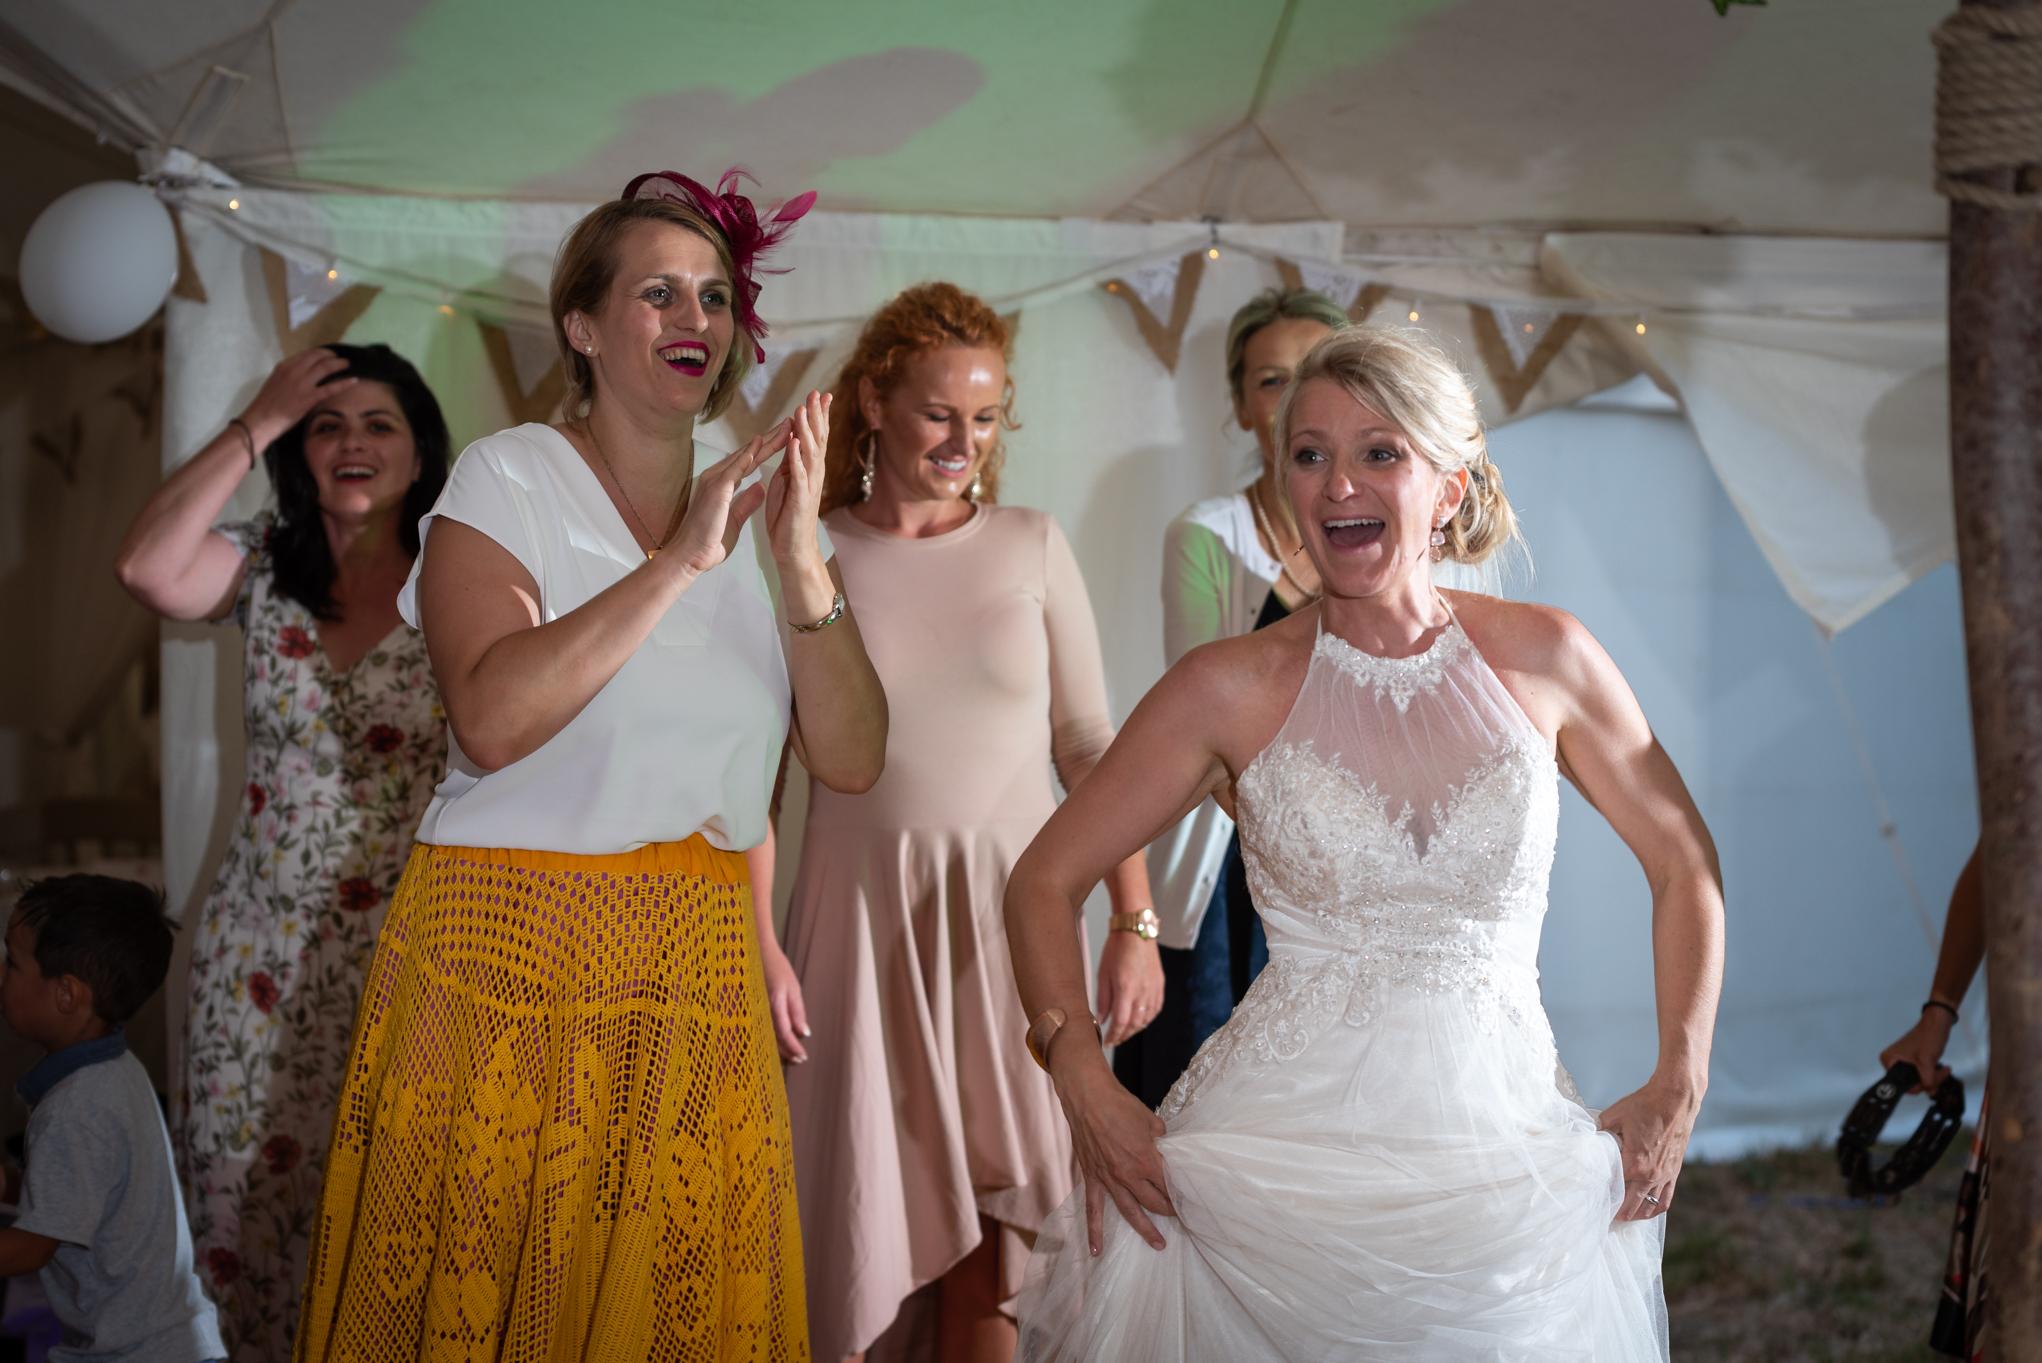 Copy of Bride Wedding Party Dancing